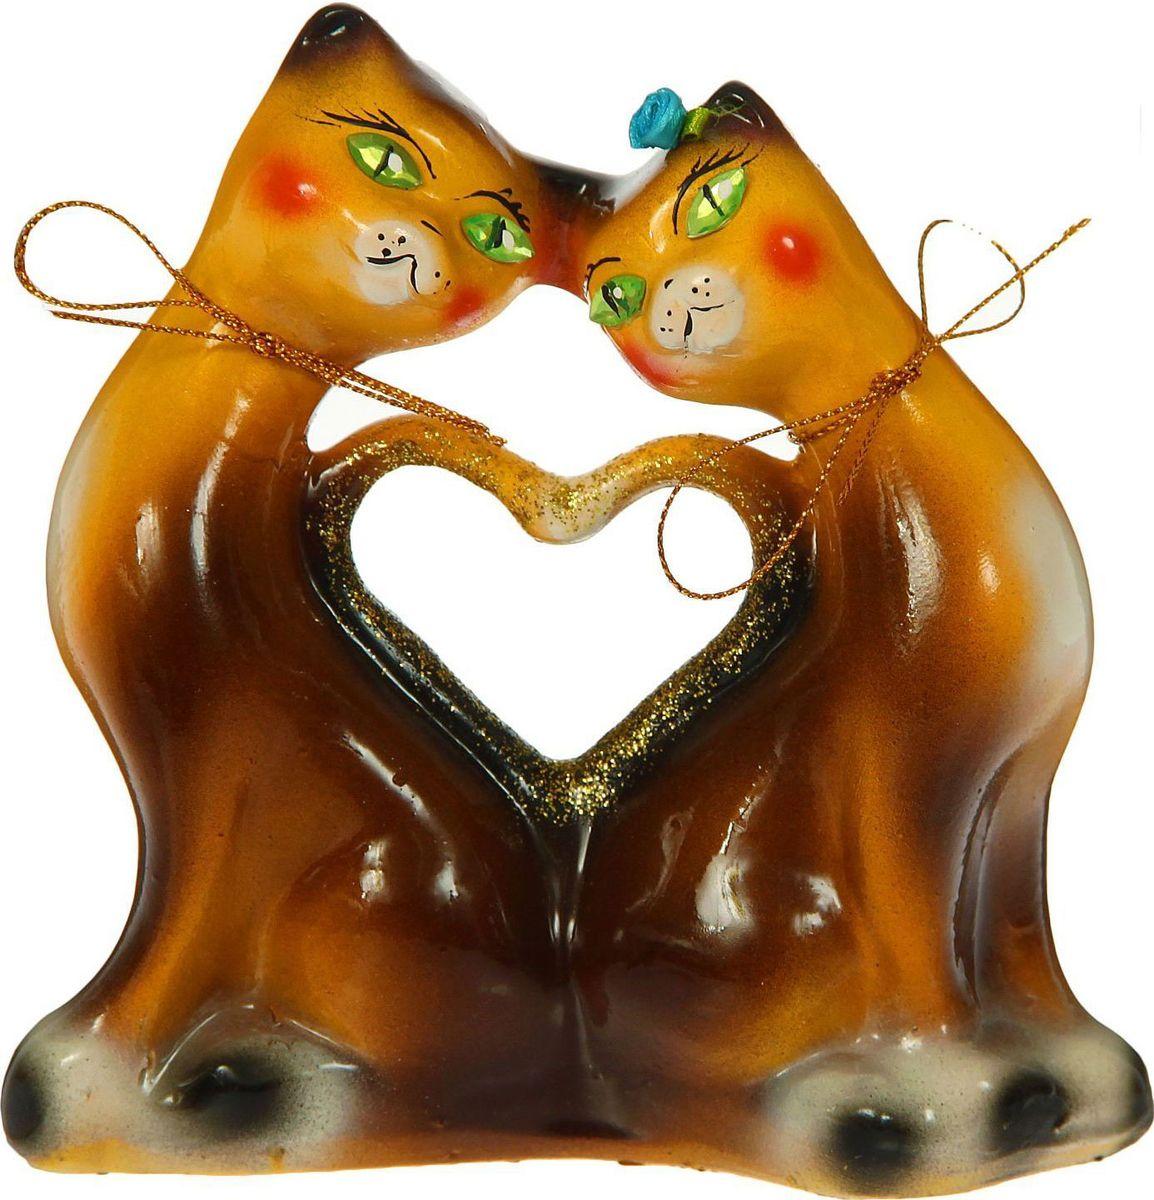 Копилка Керамика ручной работы Котики с сердцем, 6 х 16 х 16 см1354752Копилка — универсальный вариант подарка любому человеку, ведь каждый из нас мечтает о какой-то дорогостоящей вещи и откладывает или собирается откладывать деньги на её приобретение. Вместительная копилка станет прекрасным хранителем сбережений и украшением интерьера. Она выглядит так ярко и эффектно, что проходя мимо, обязательно захочется забросить пару монет. Обращаем ваше внимание, что копилка является одноразовой.